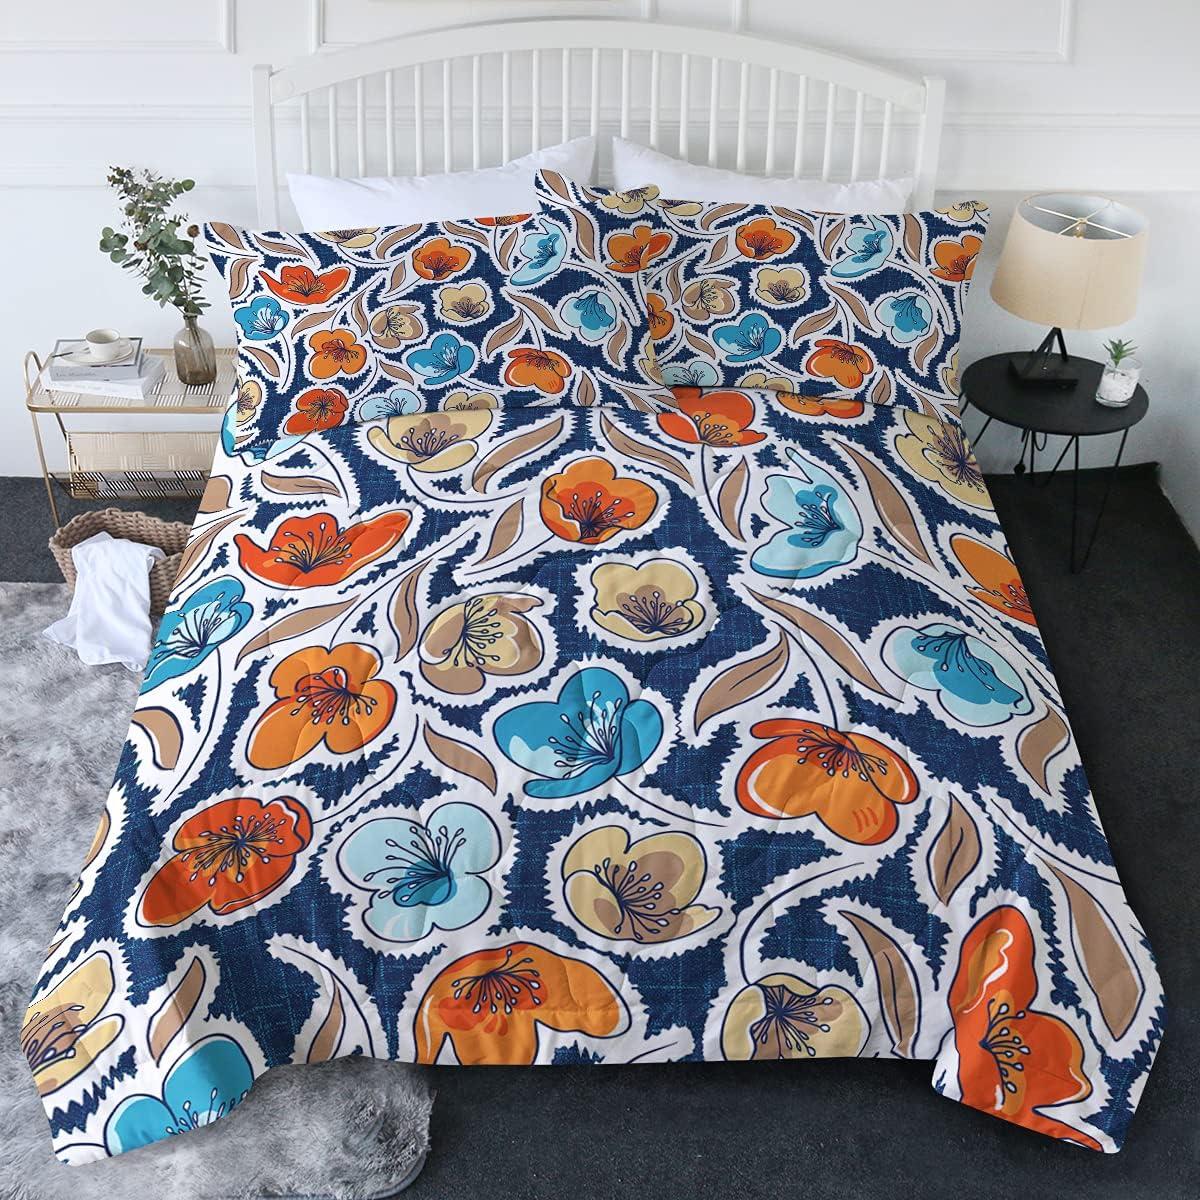 BlessLiving New item Floral Comforter Set Denim Max 65% OFF Color Bed Classic